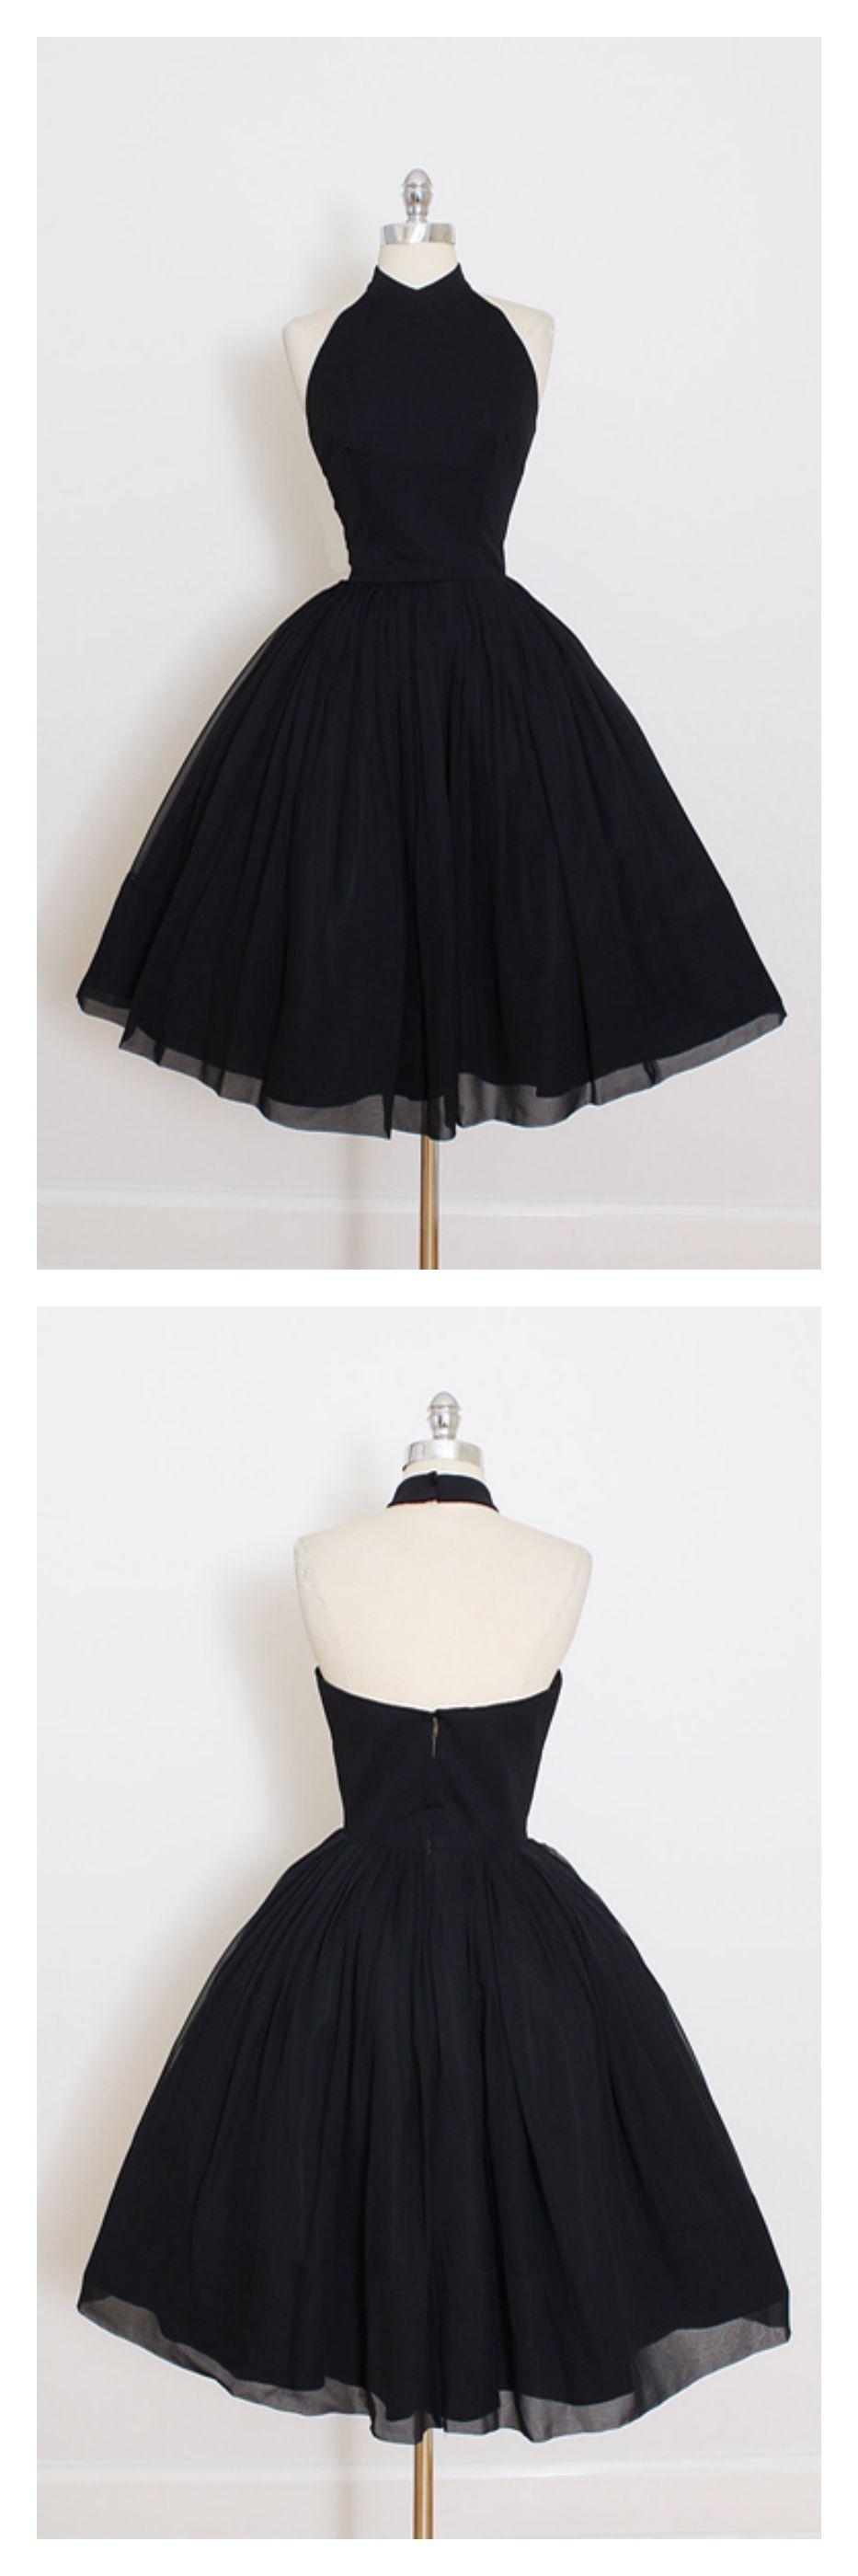 Vintage black knee length homecoming dresses ed in